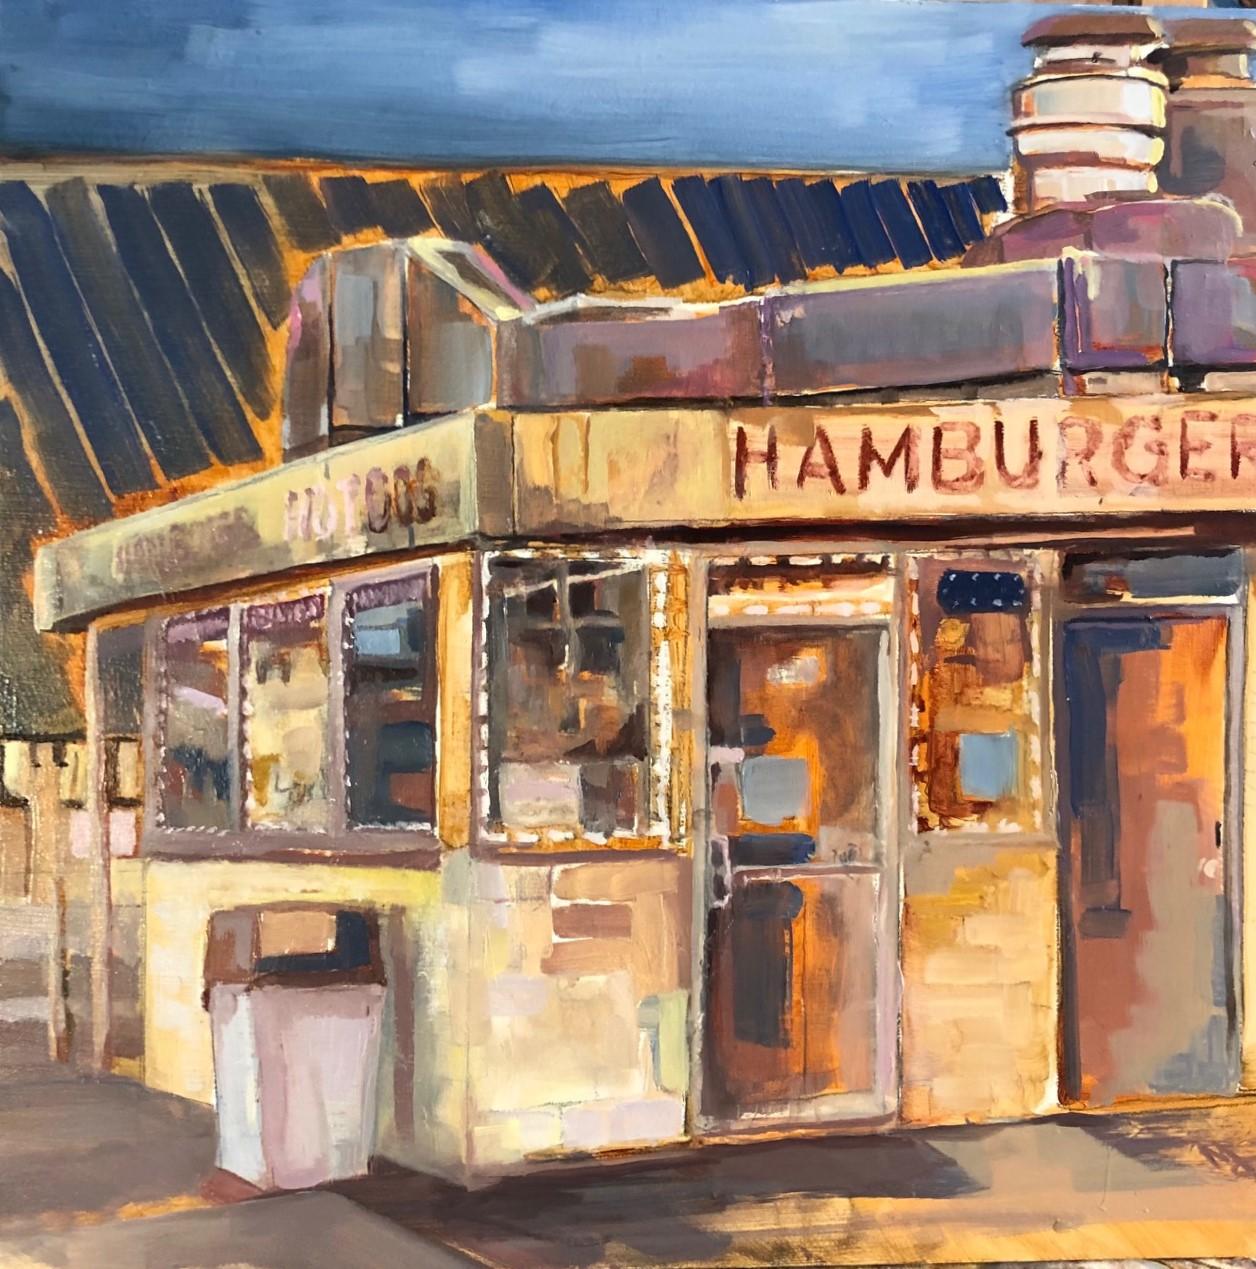 Chicago: Bills Burger